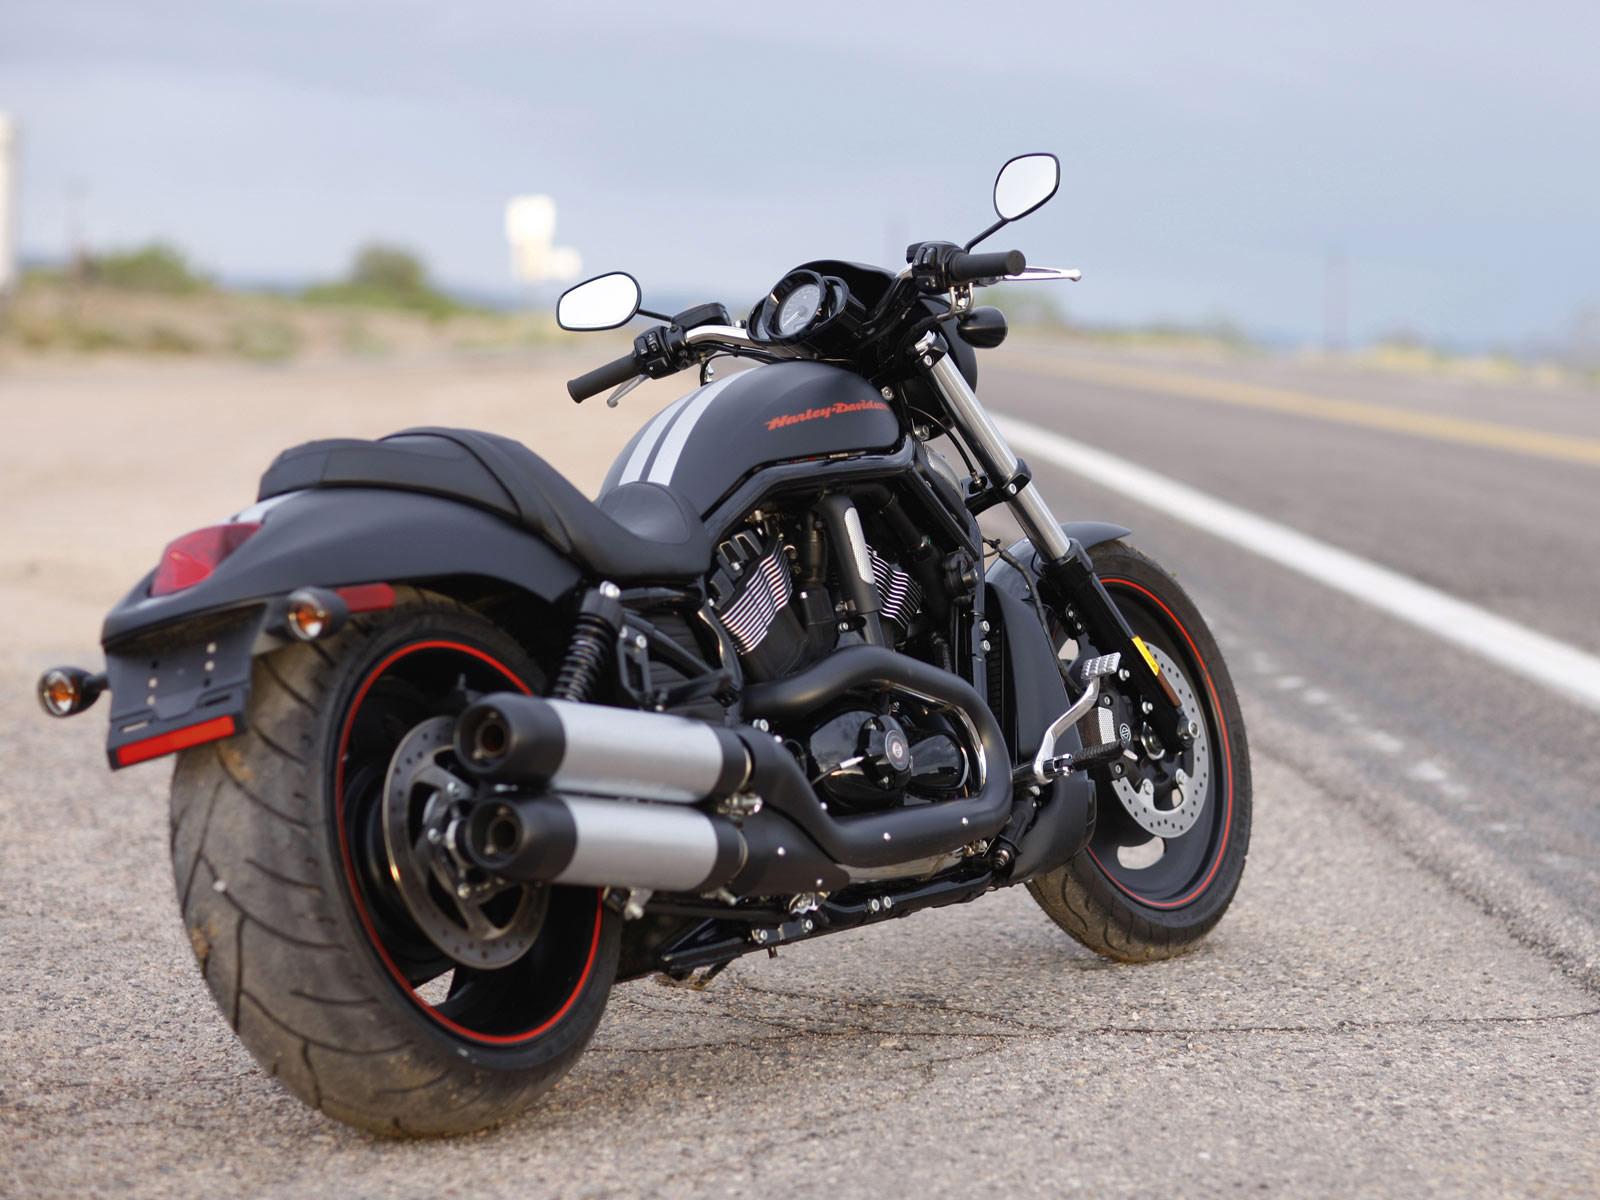 Fondos De Vehiculos: Harley-Davidson Fondos De Pantalla, Fondos De Escritorio